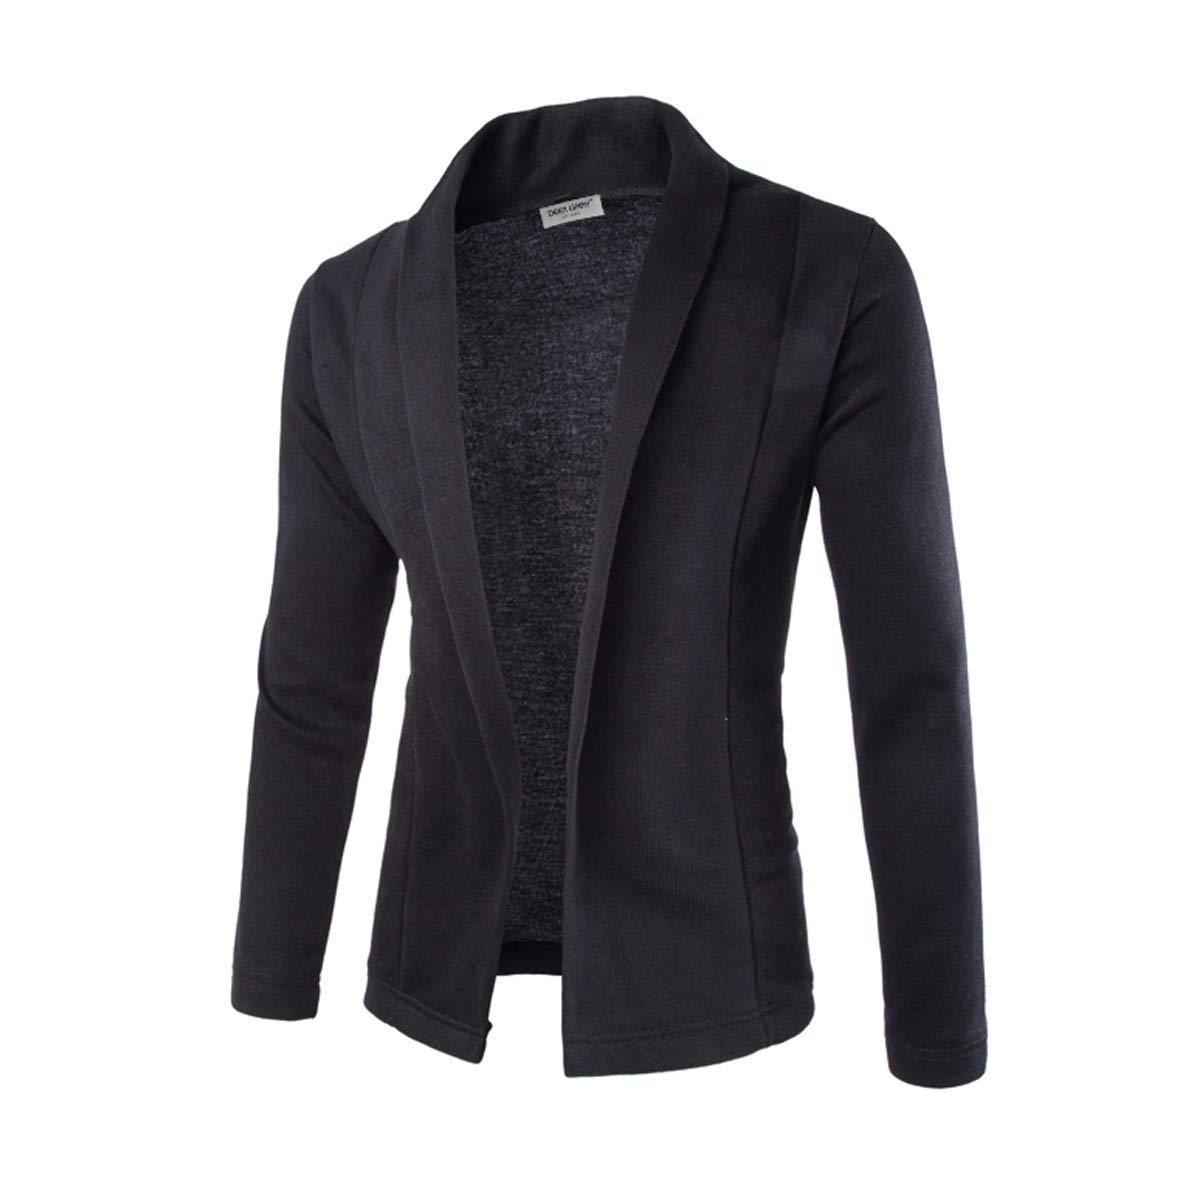 maduang Men's Elegant Slim Fit Cardigan Coat V-Neck Long Sleeve Knitwear Jacket